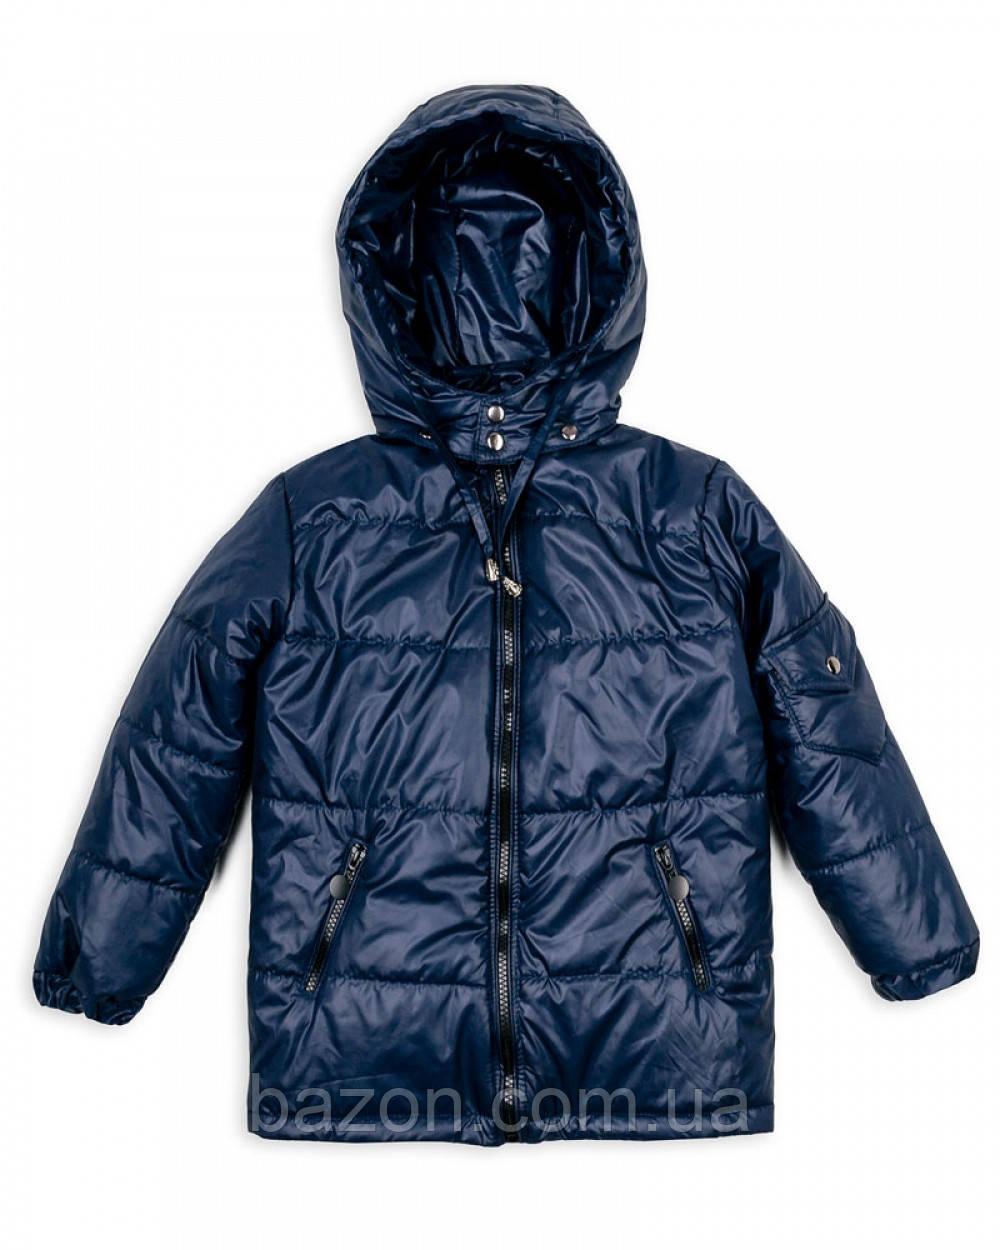 Детская куртка на мальчика весна-осень 1-5 лет синяя